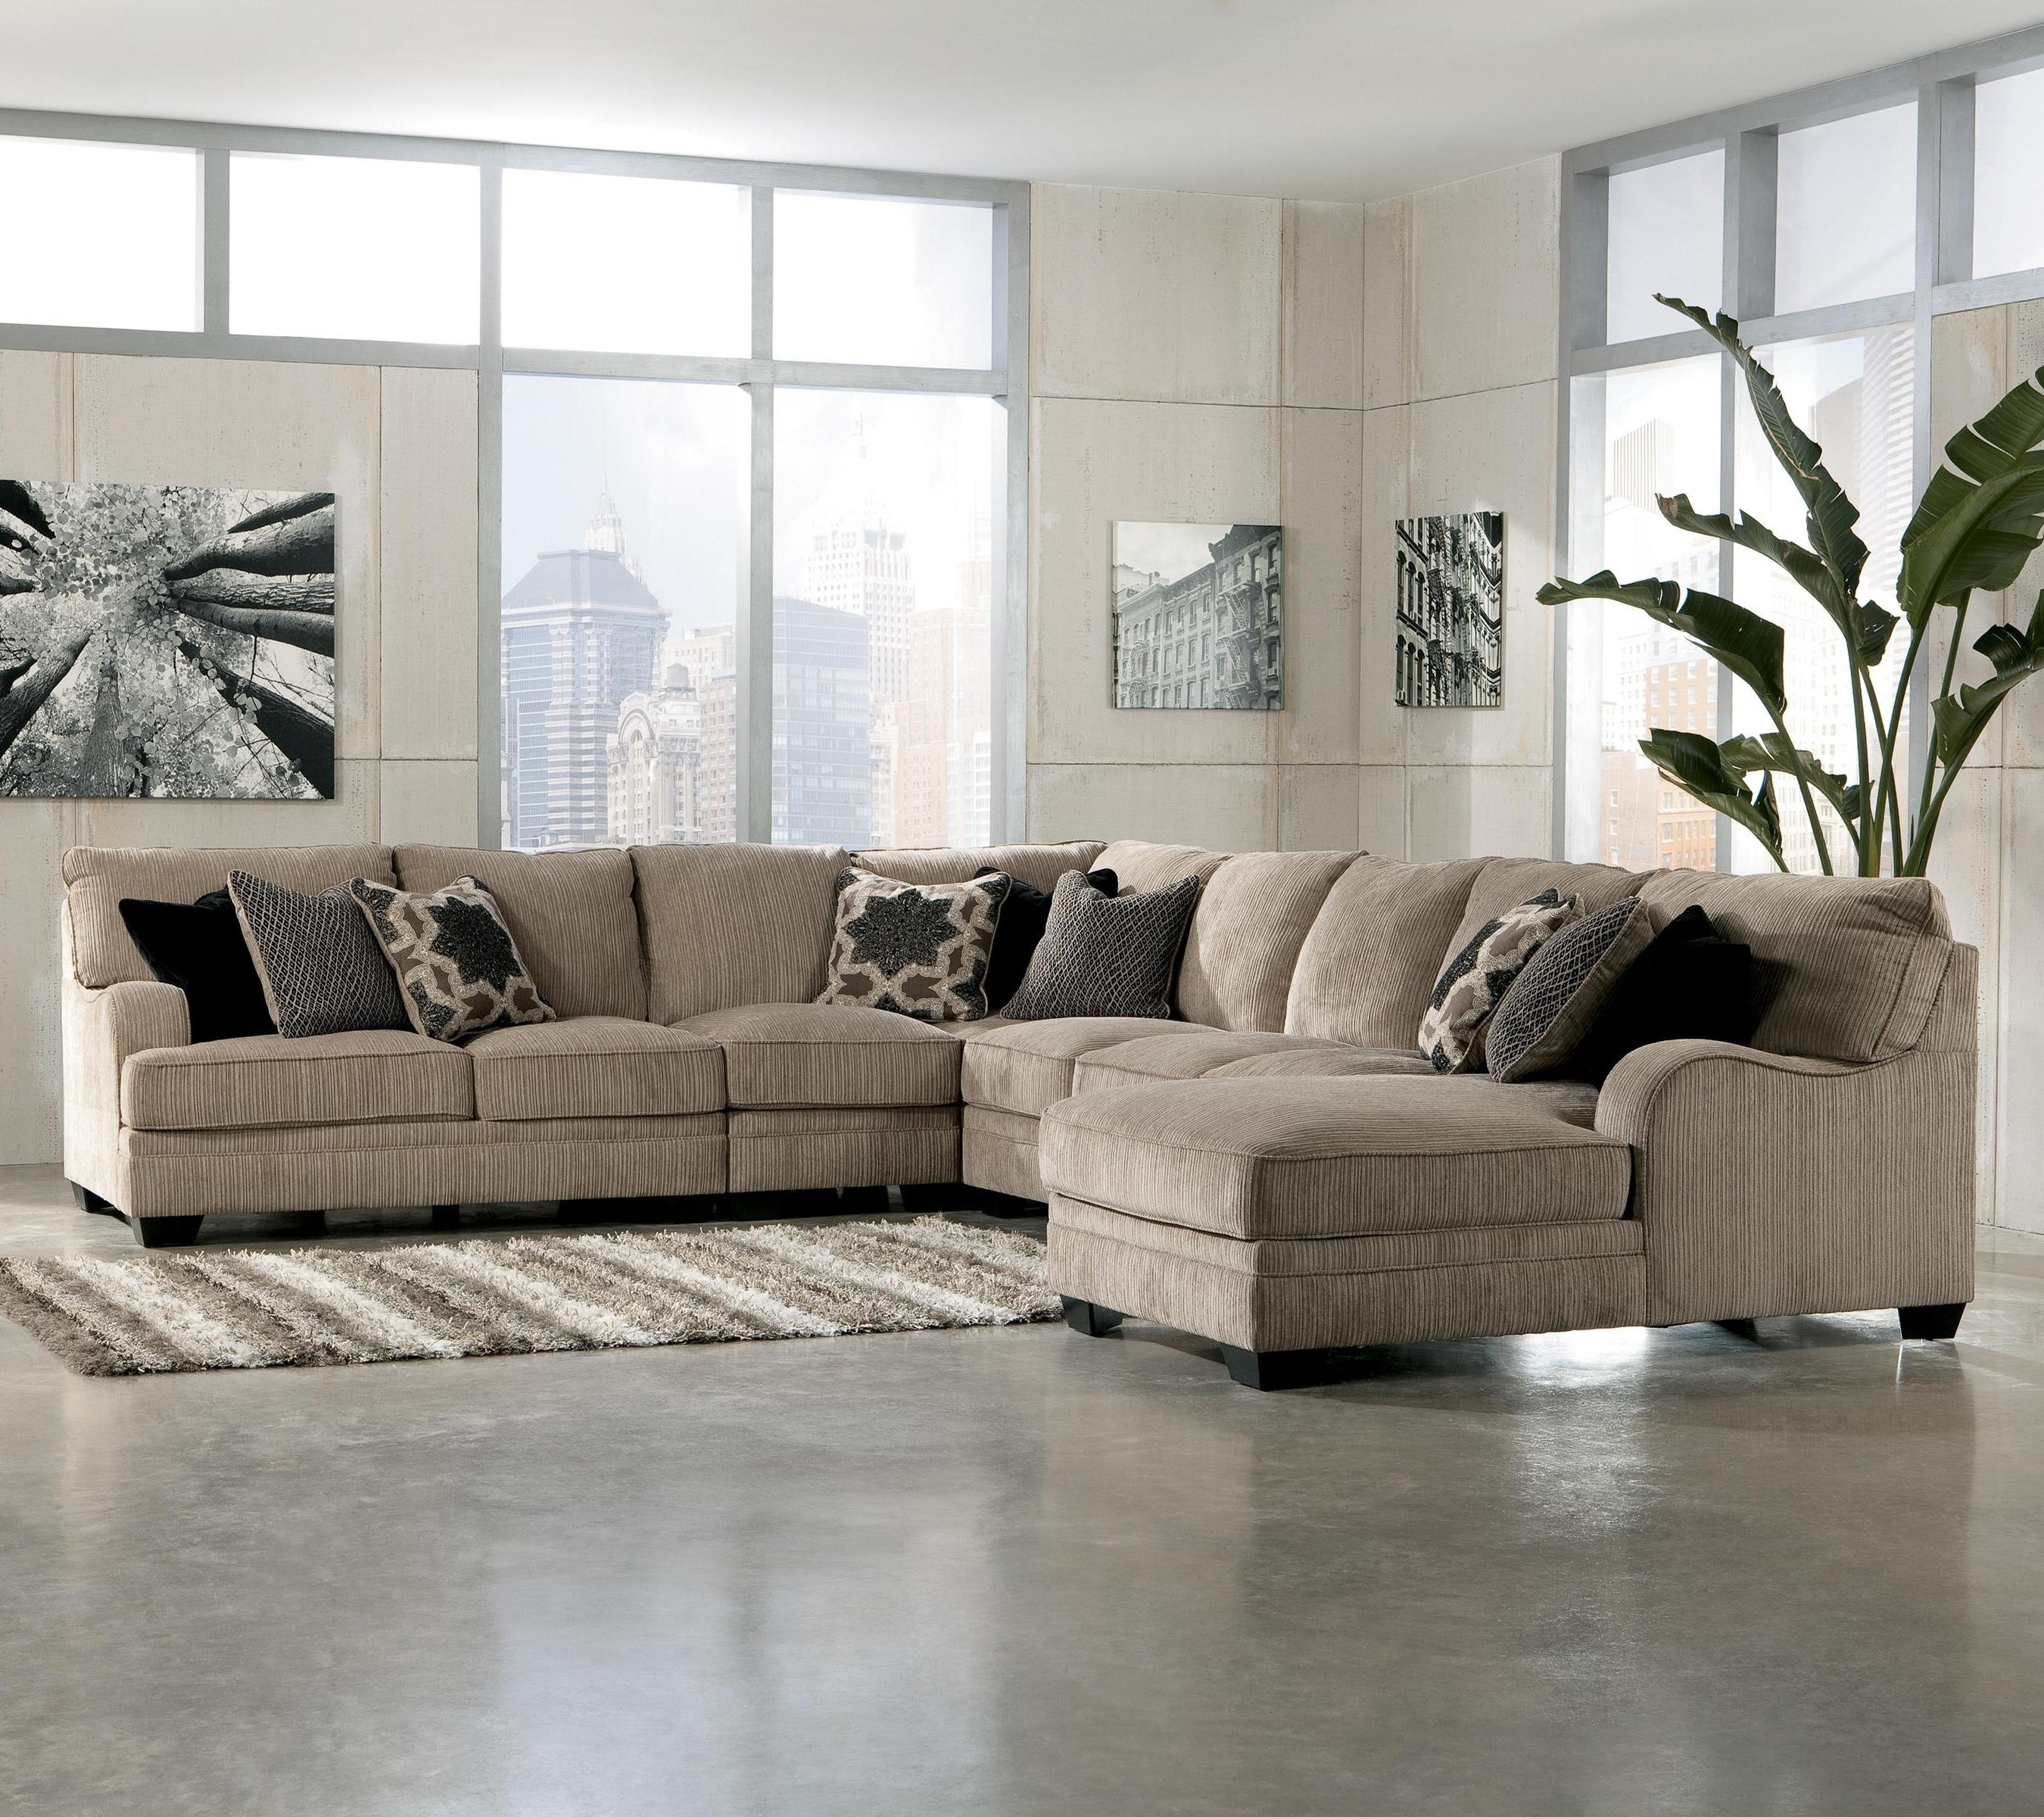 Furniture: Luxury Ashley Furniture Savannah Ga Ashley Furniture With Regard To Favorite Sectional Sofas In Savannah Ga (View 4 of 15)